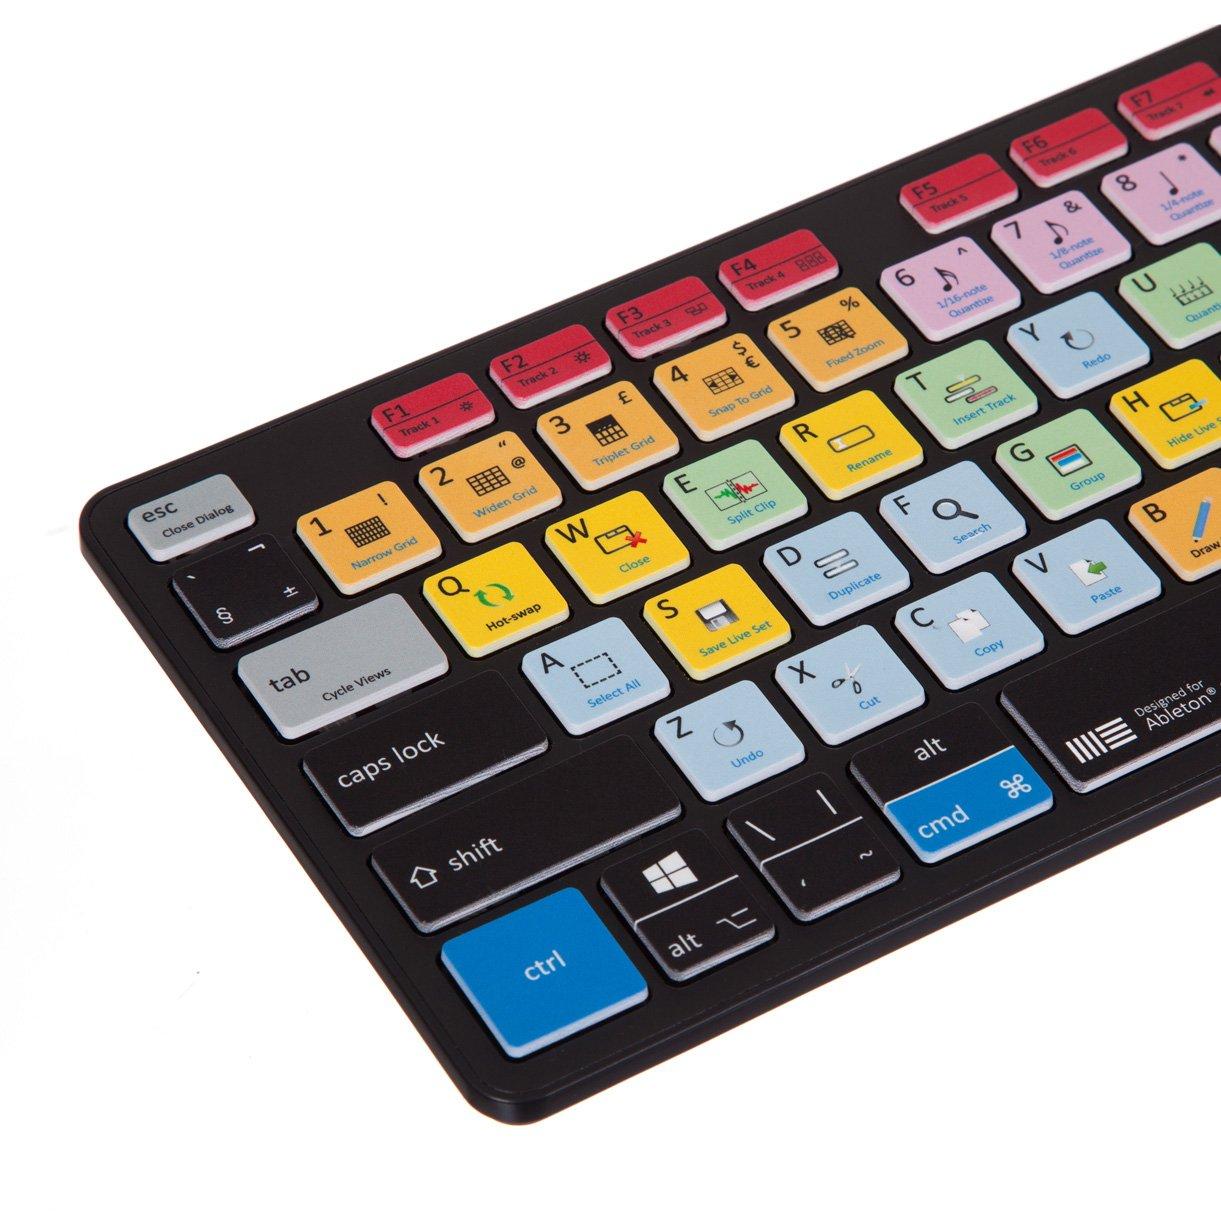 Ableton Live Teclado - Mac y PC Compatible Acceso directo teclado: Amazon.es: Informática